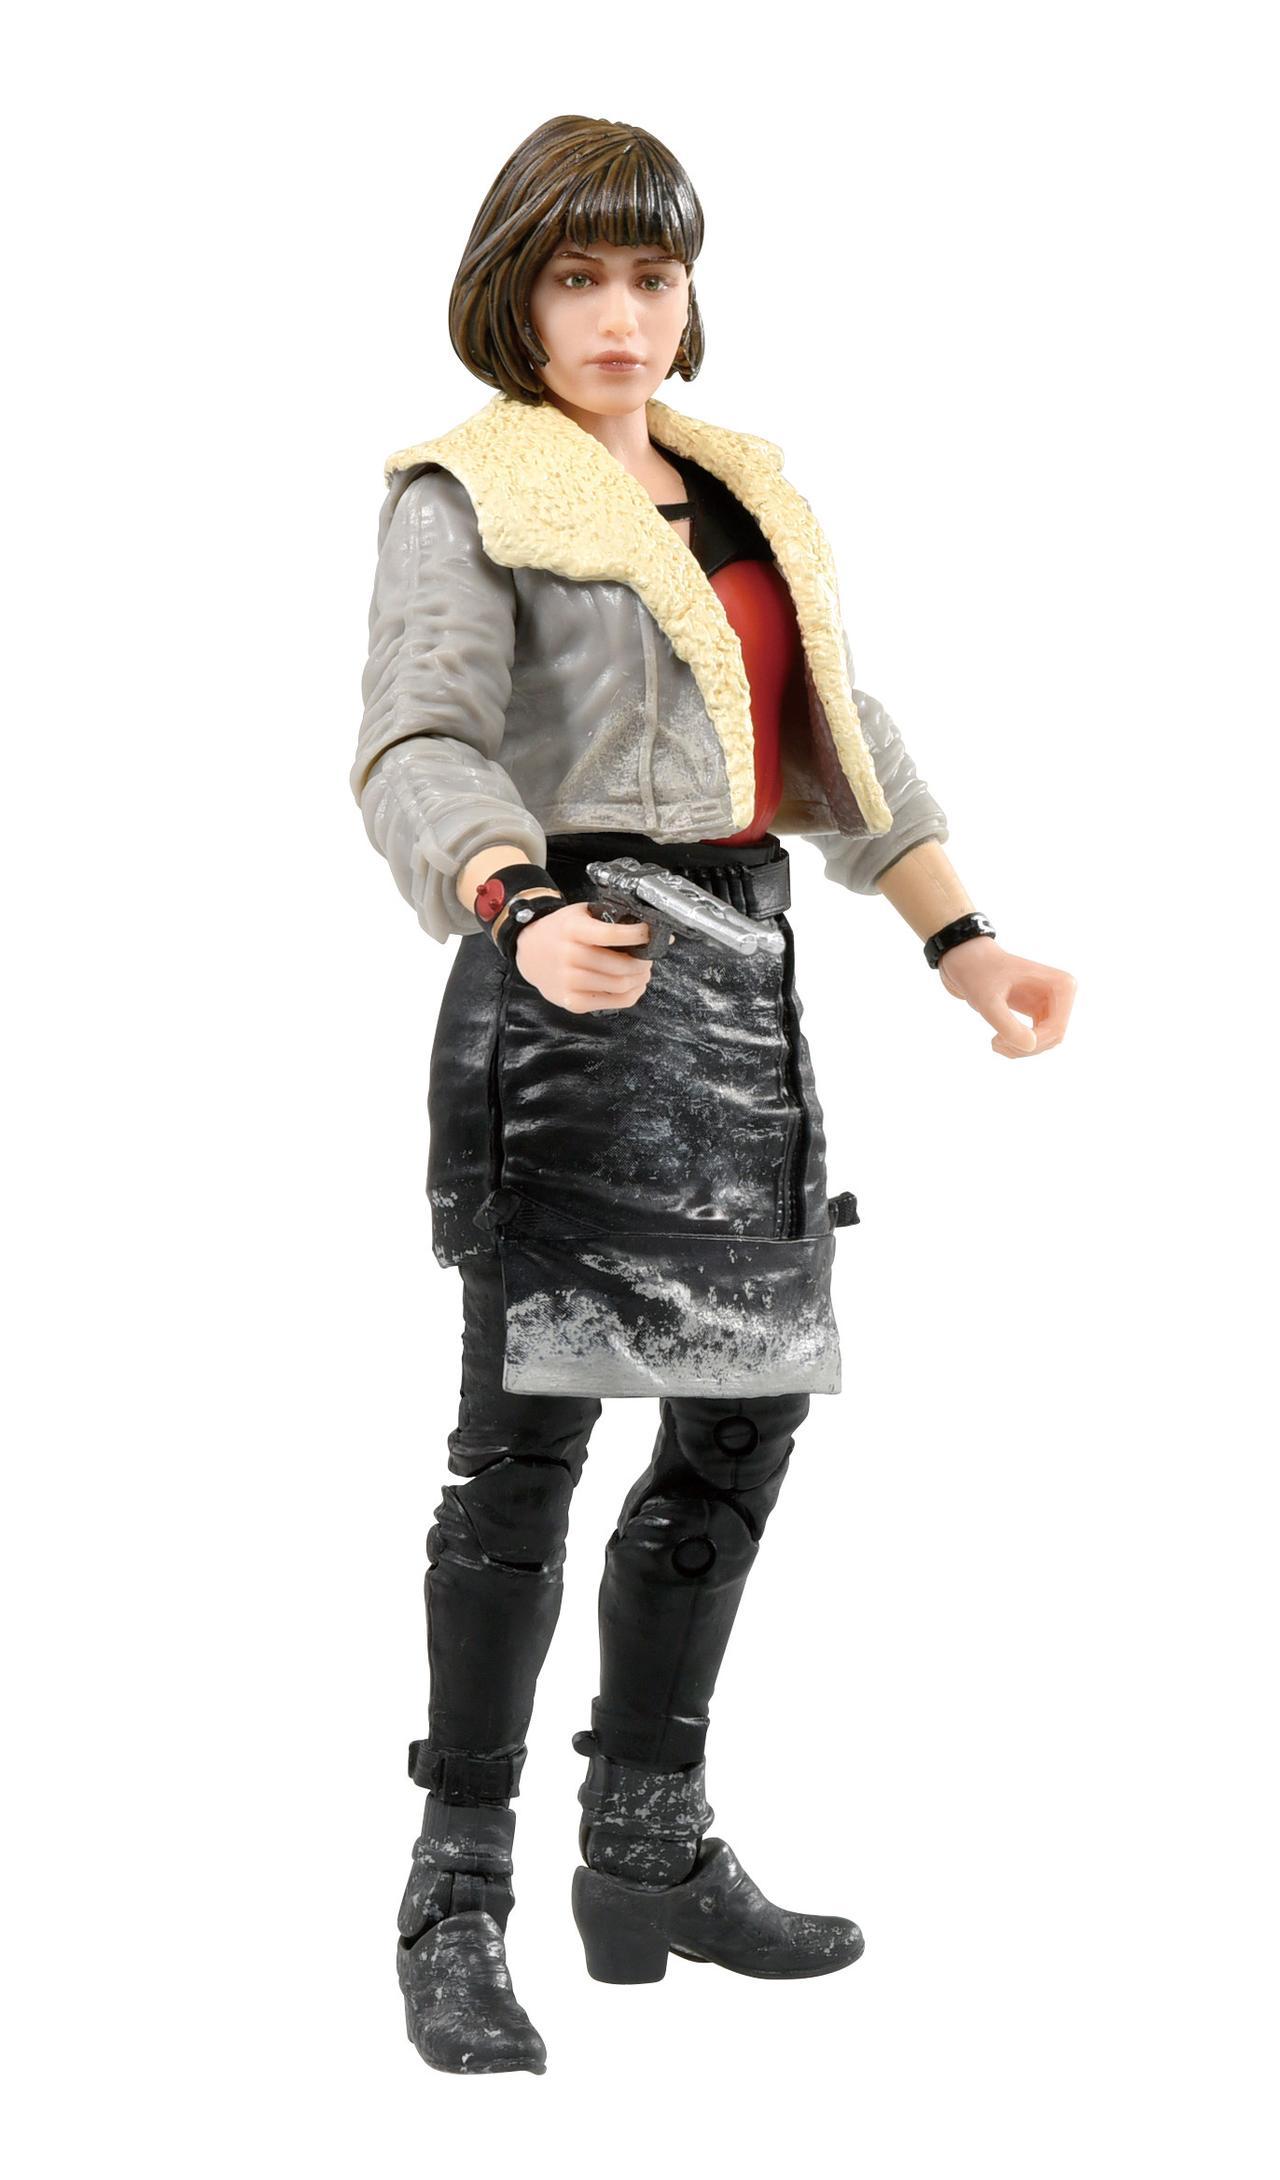 画像: キーラ 4298円(税込) 厚手のコートやスカートのシワまで丁寧に作りこまれているのがいい。ブラスターも付属。